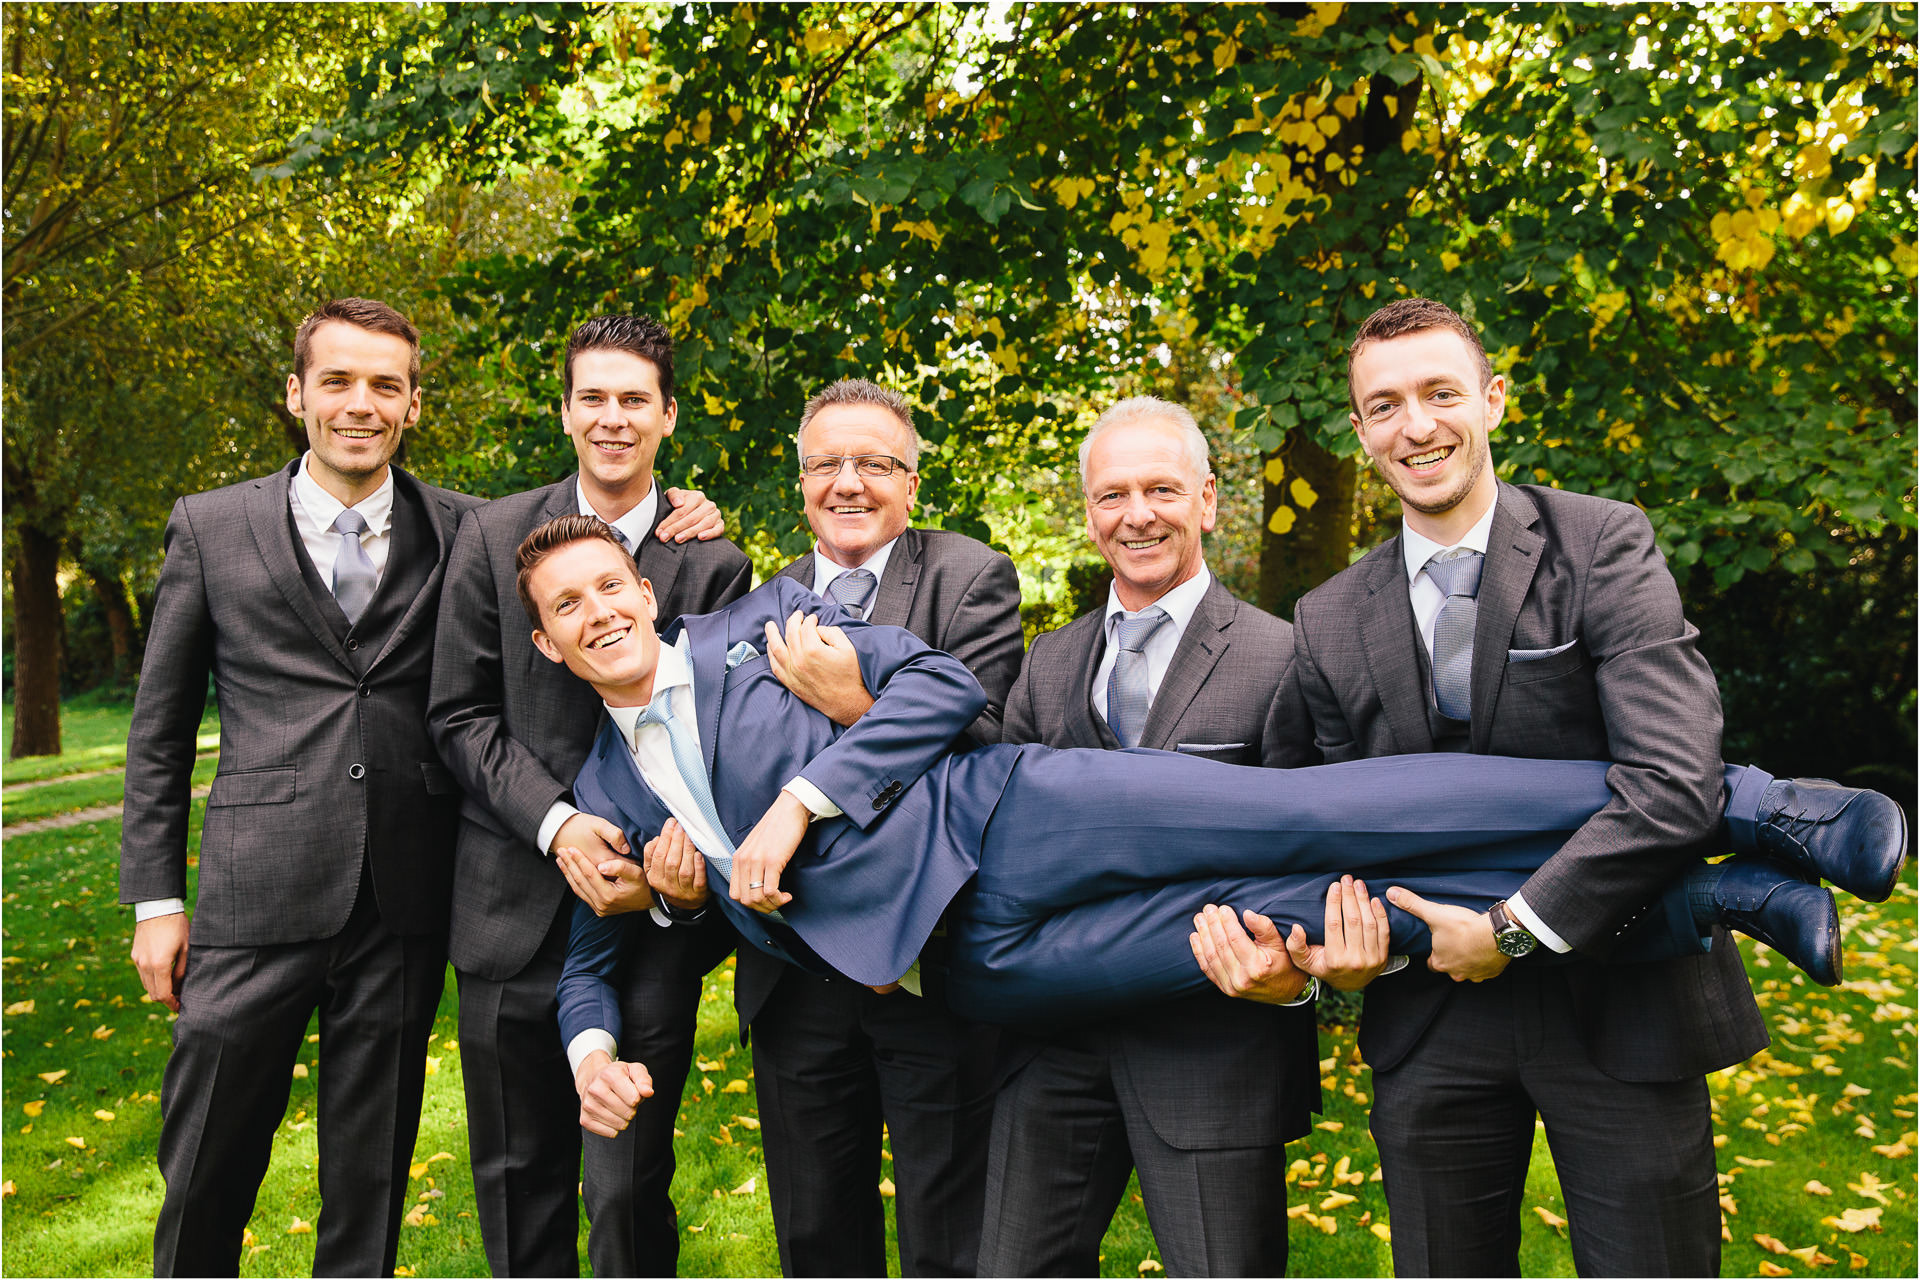 Huwelijksfotograaf De Snip